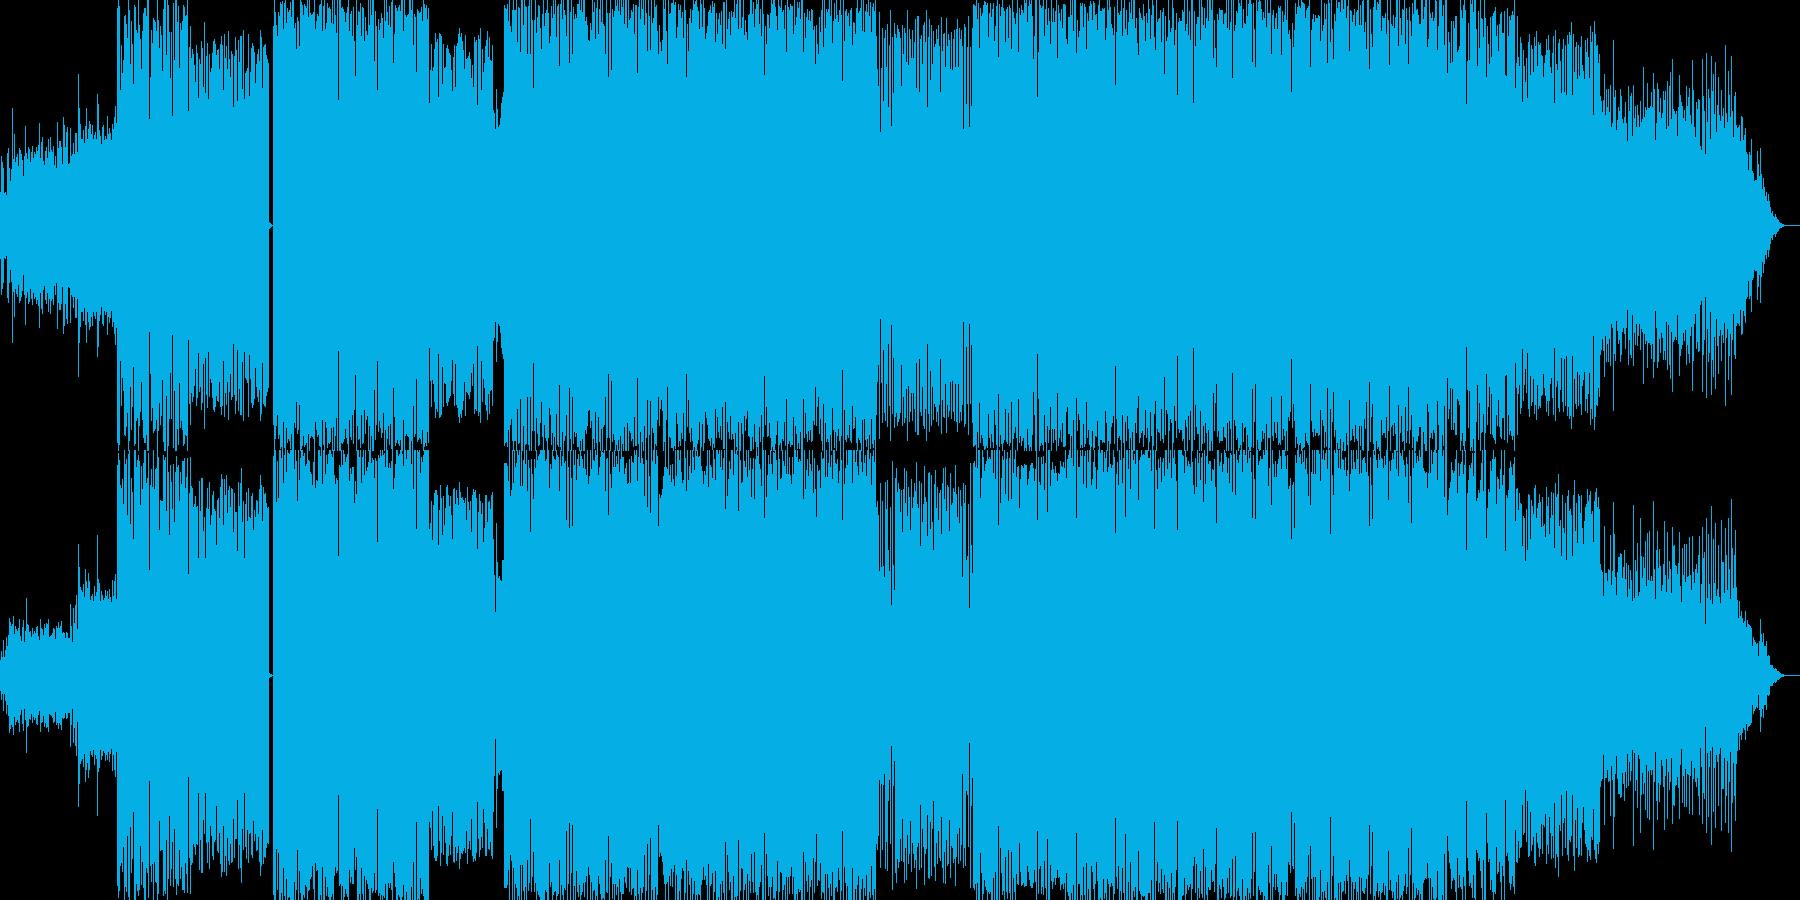 静動が渾然一体となったダンスミュージックの再生済みの波形